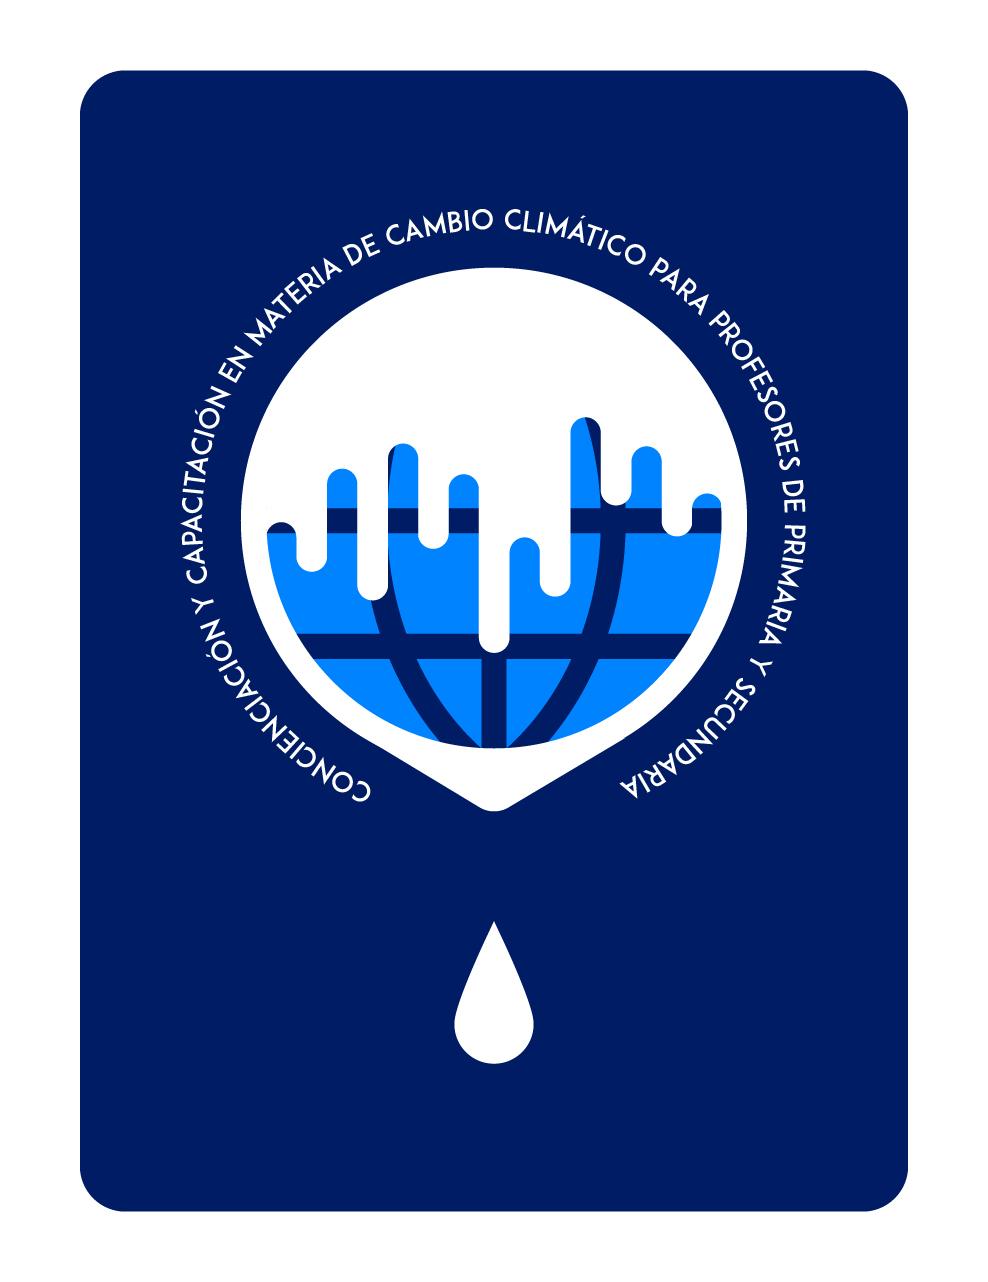 Logo_Cambio Climático 02